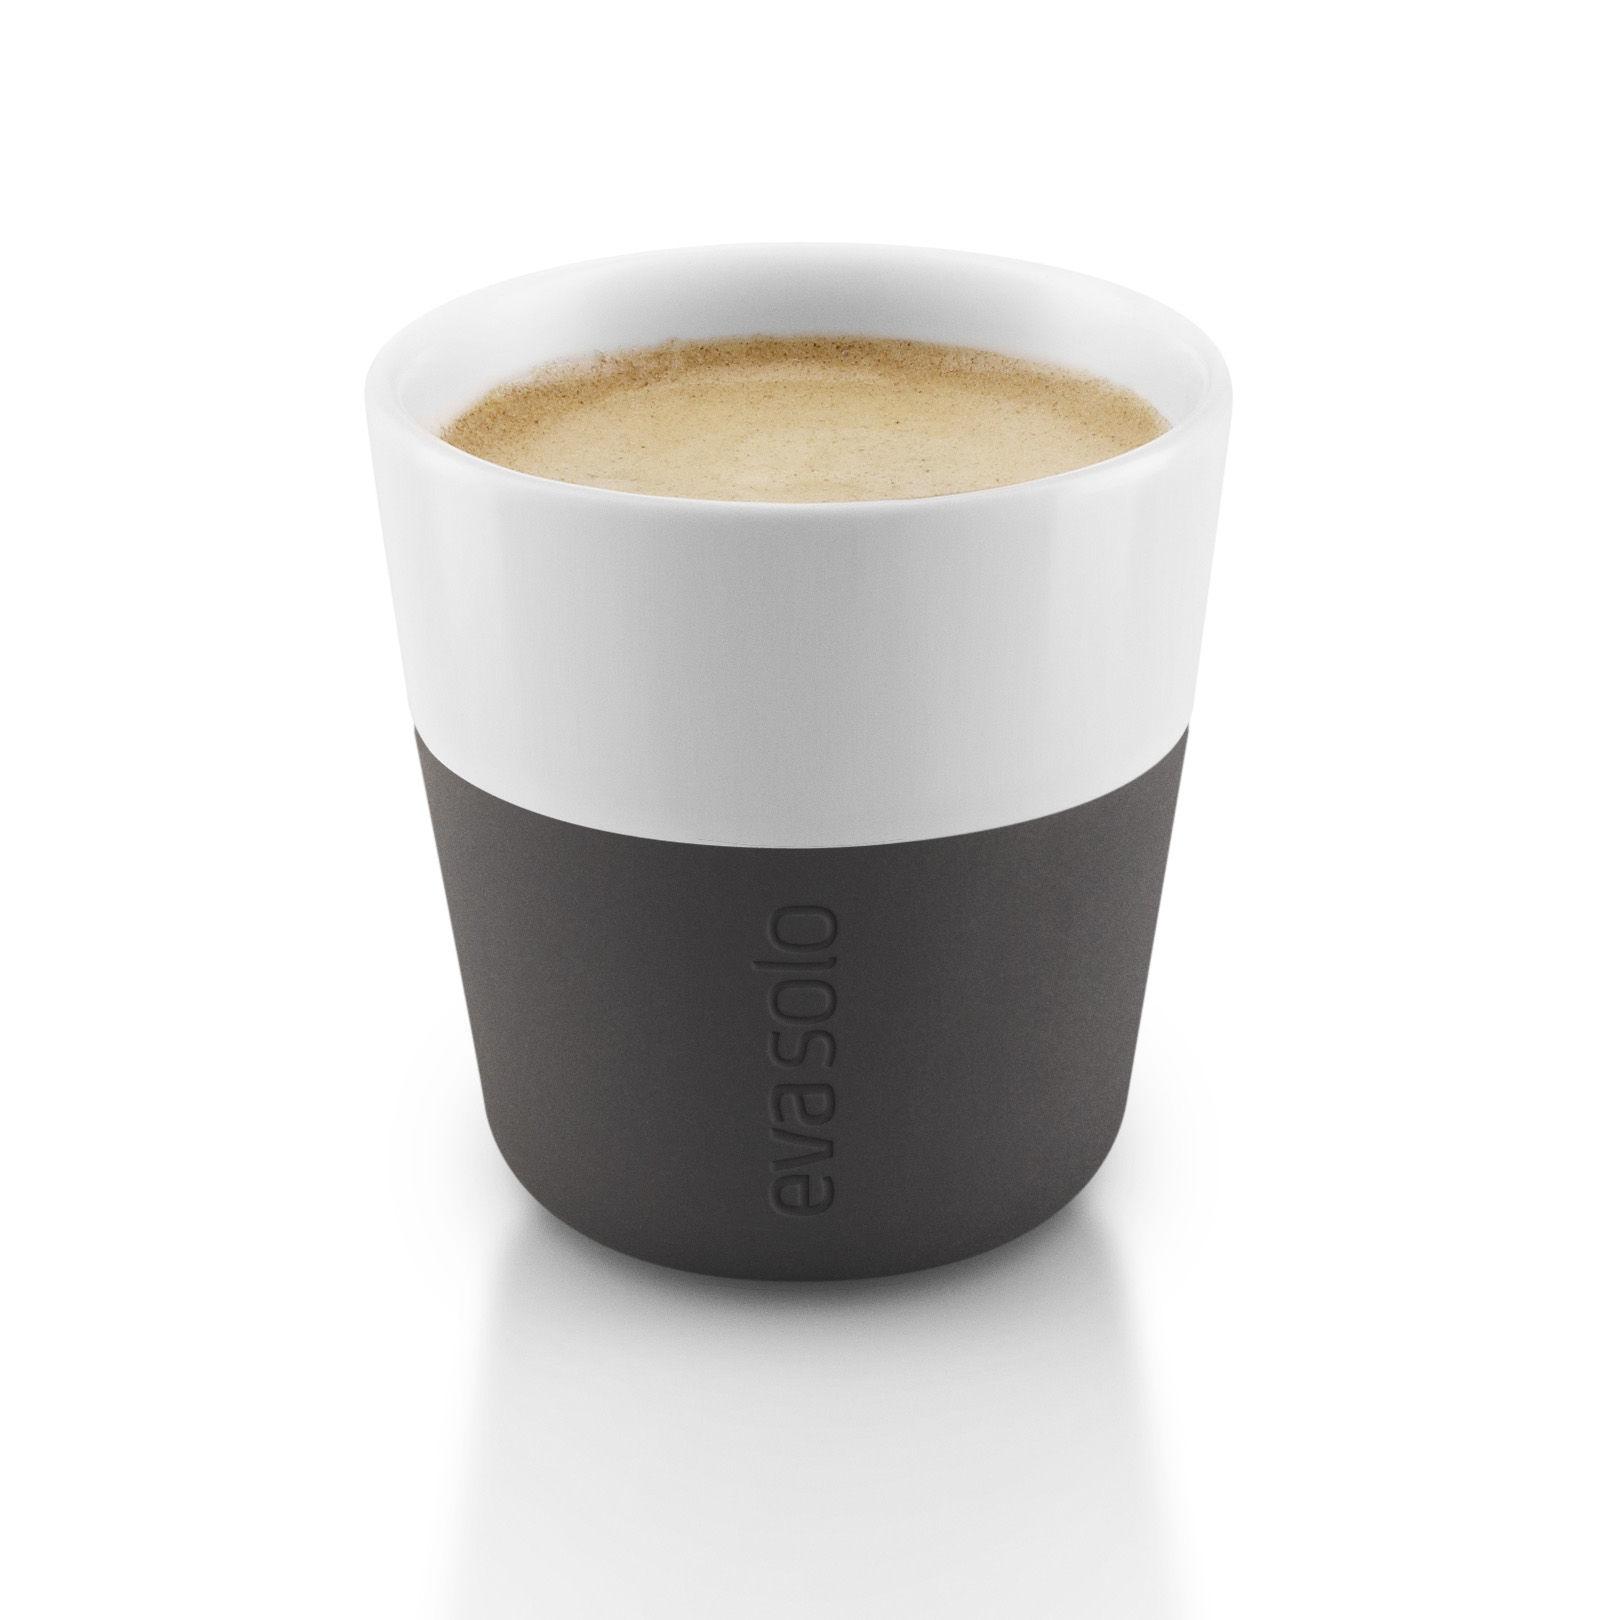 Espresso Cup Set Of 2 80 Ml White Carbon Black Silicone By Eva Solo